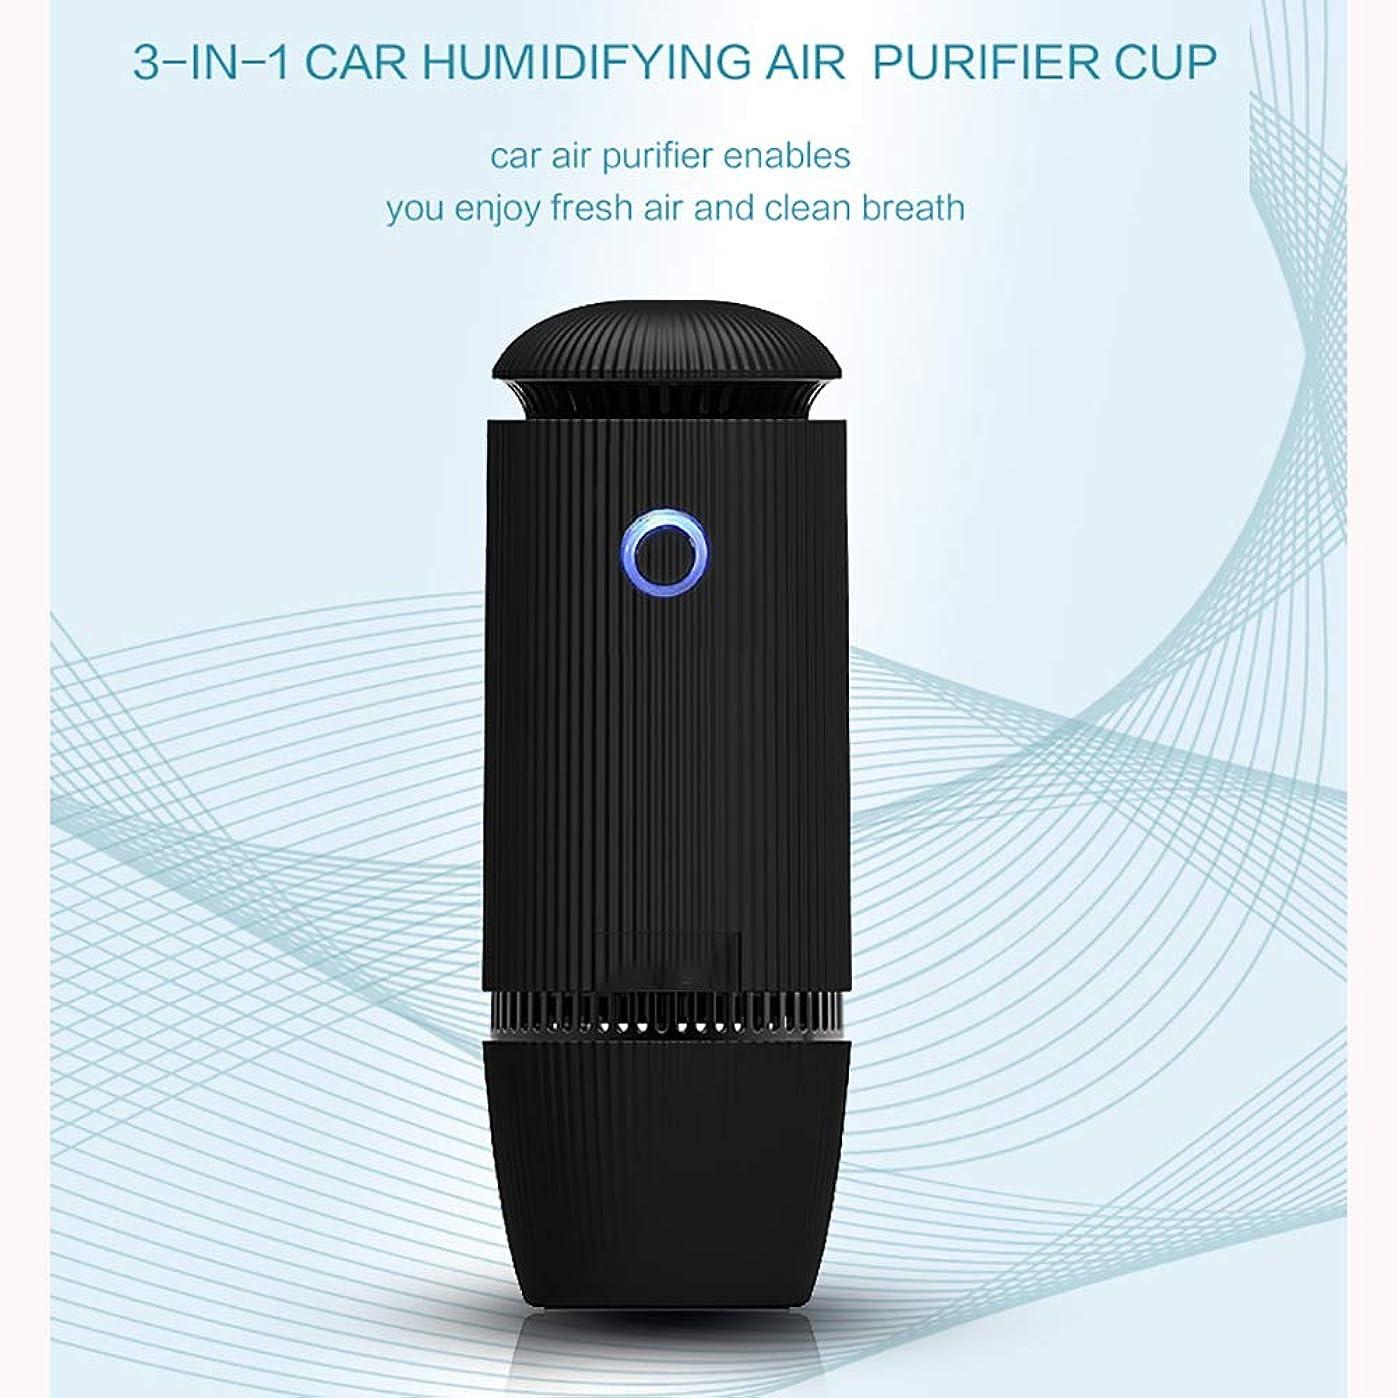 刺す法律ブッシュ車のアロマセラピー機械清浄機、エッセンシャルオイルディフューザー多機能USBアロマ加湿器用車、家庭、仕事